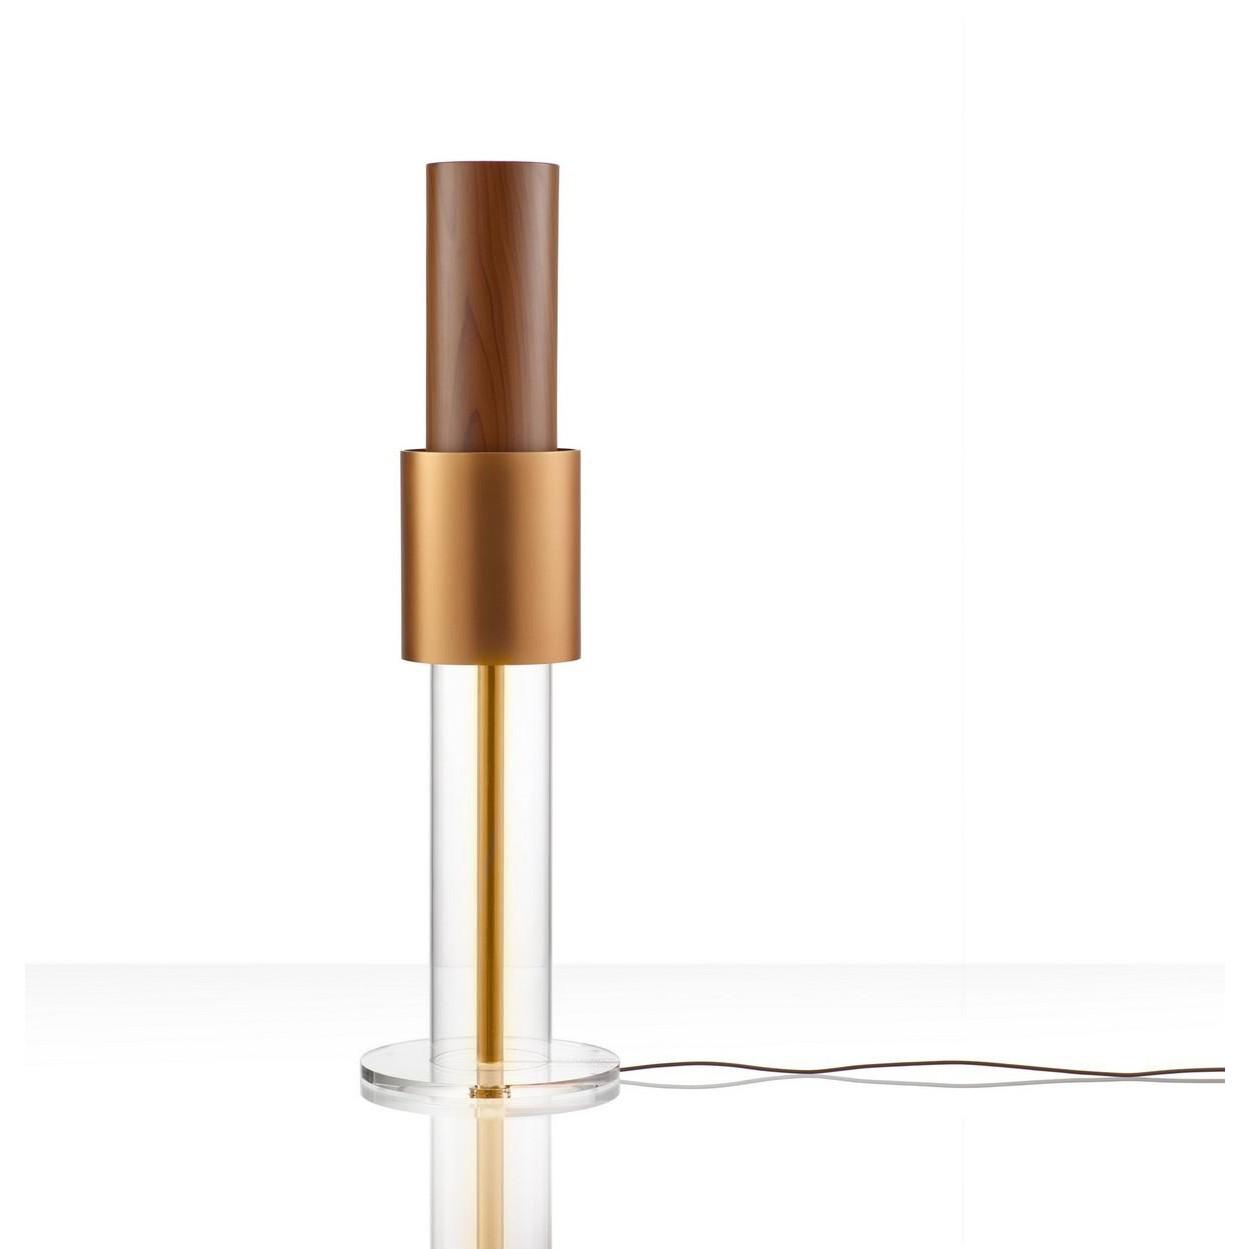 ή έ Ionflow 50 Signature Lightair Design Is This